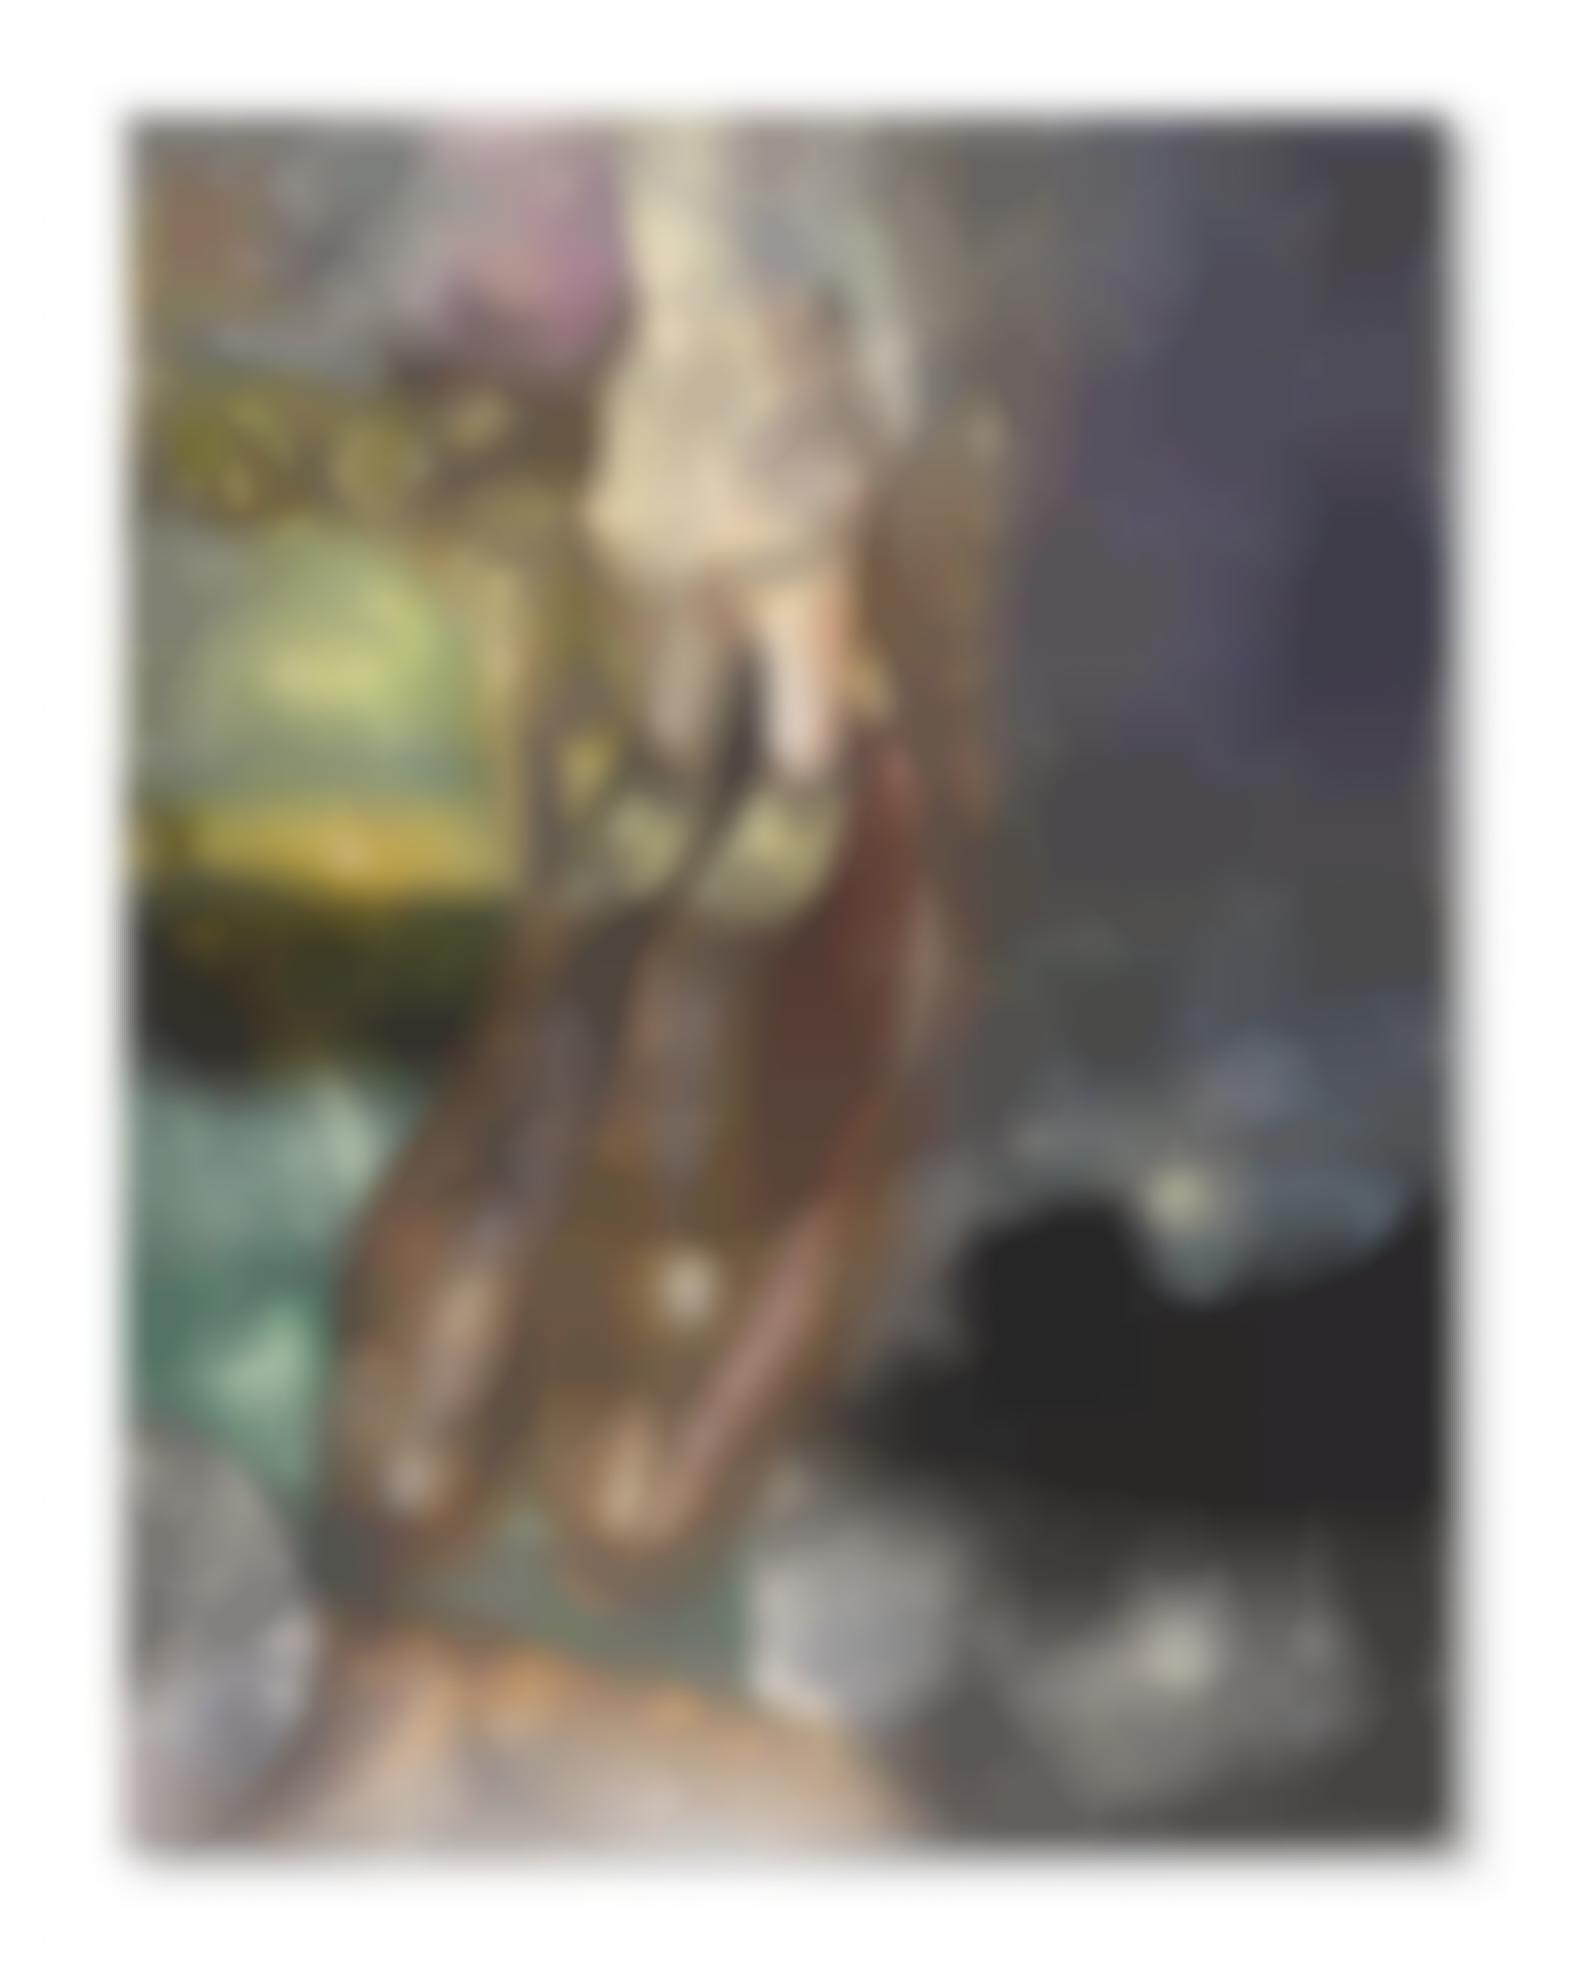 Friedrich Kunath-Men Value Solitude So Little-2014